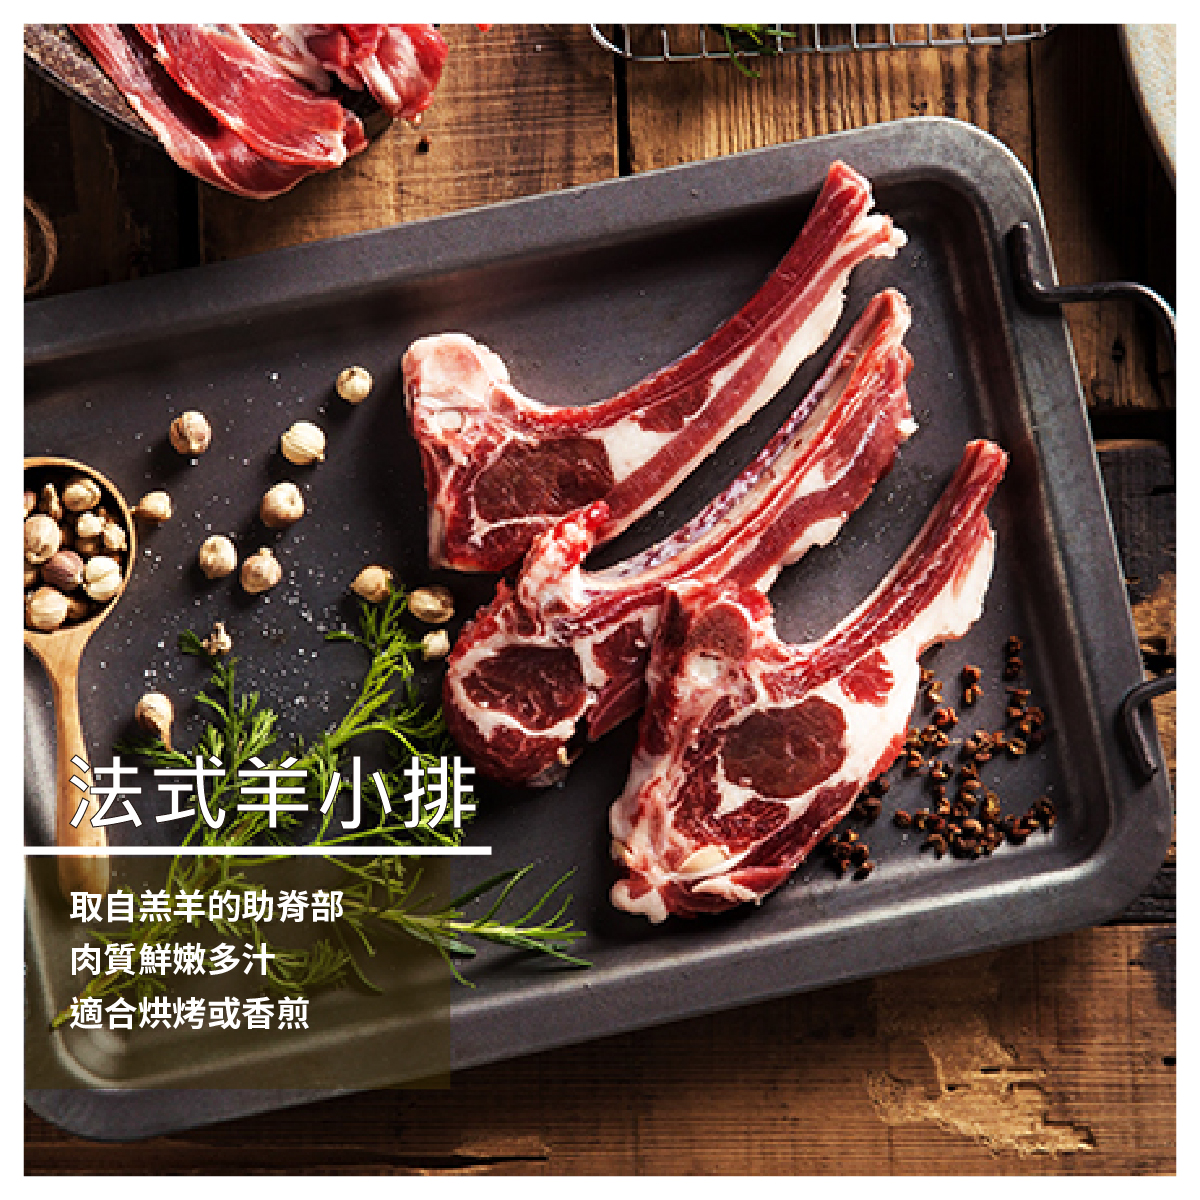 【豐園羊牧場】法式羊小排/300g